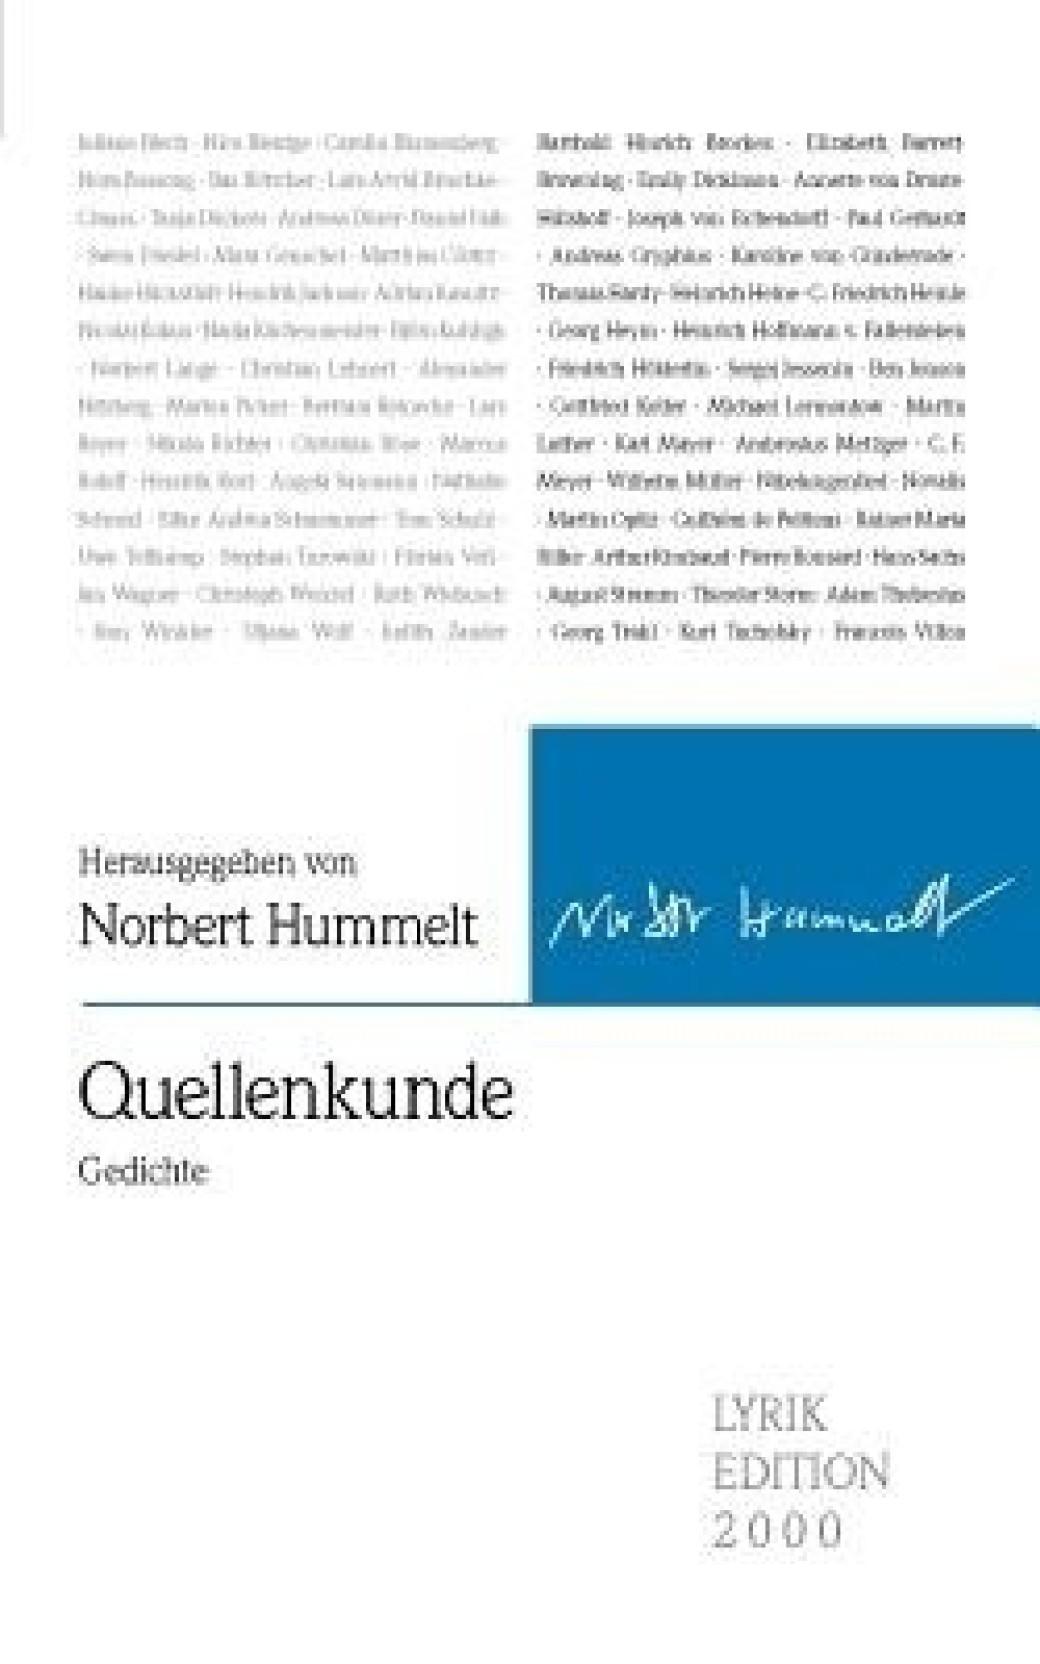 Quellenkunde Gedichte Buy Quellenkunde Gedichte By